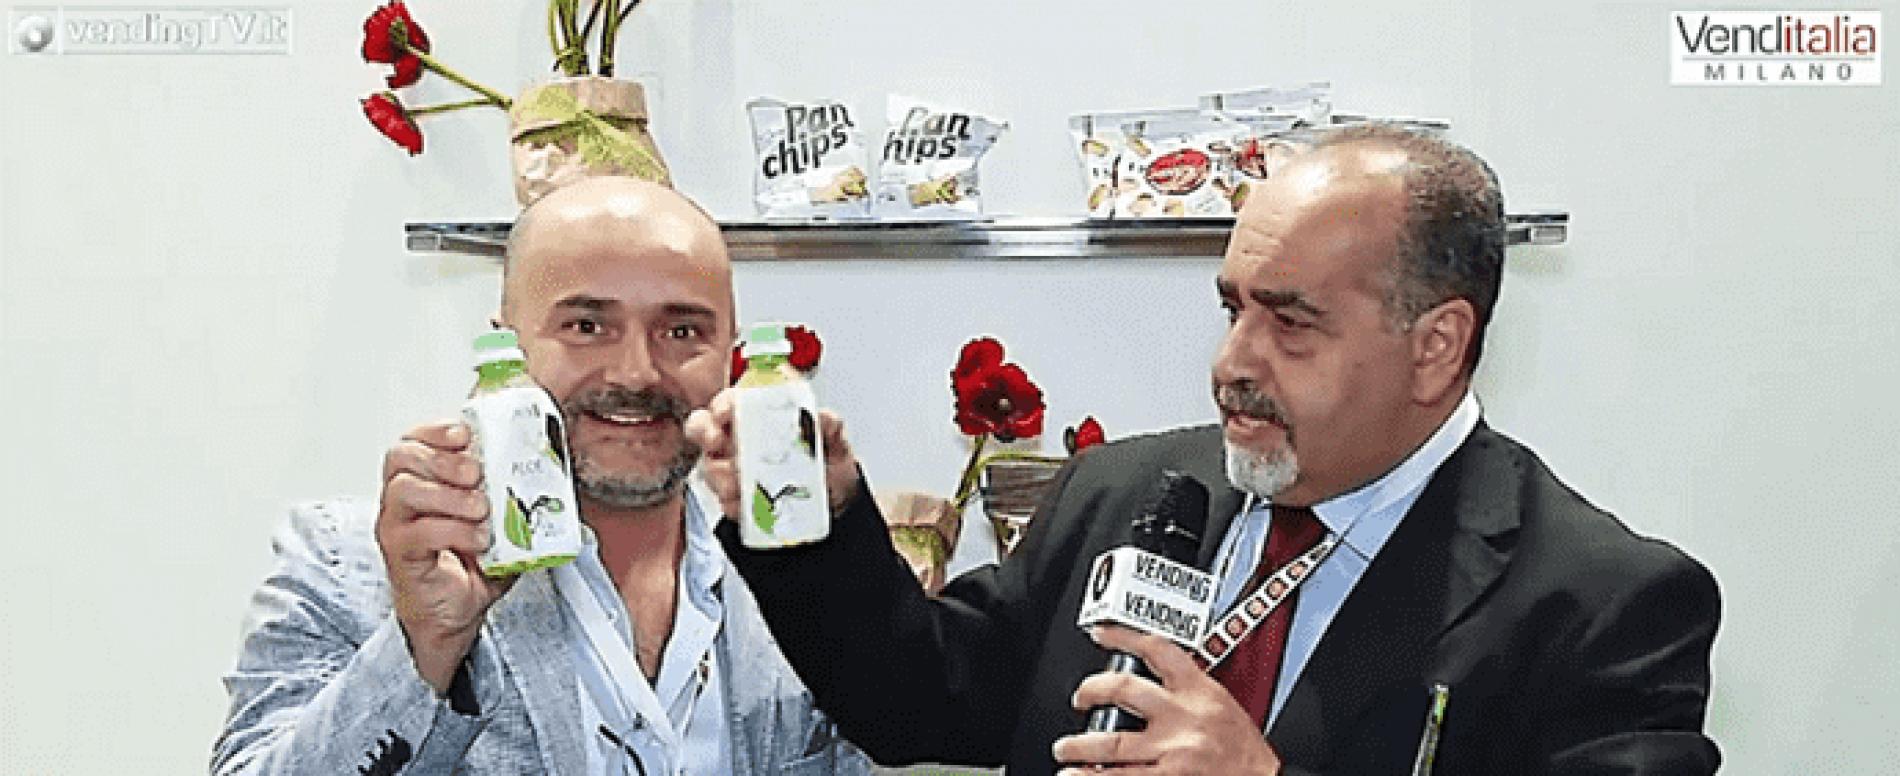 Venditalia 2018. Intervista con Luca Vazzoler di FE-MO srl